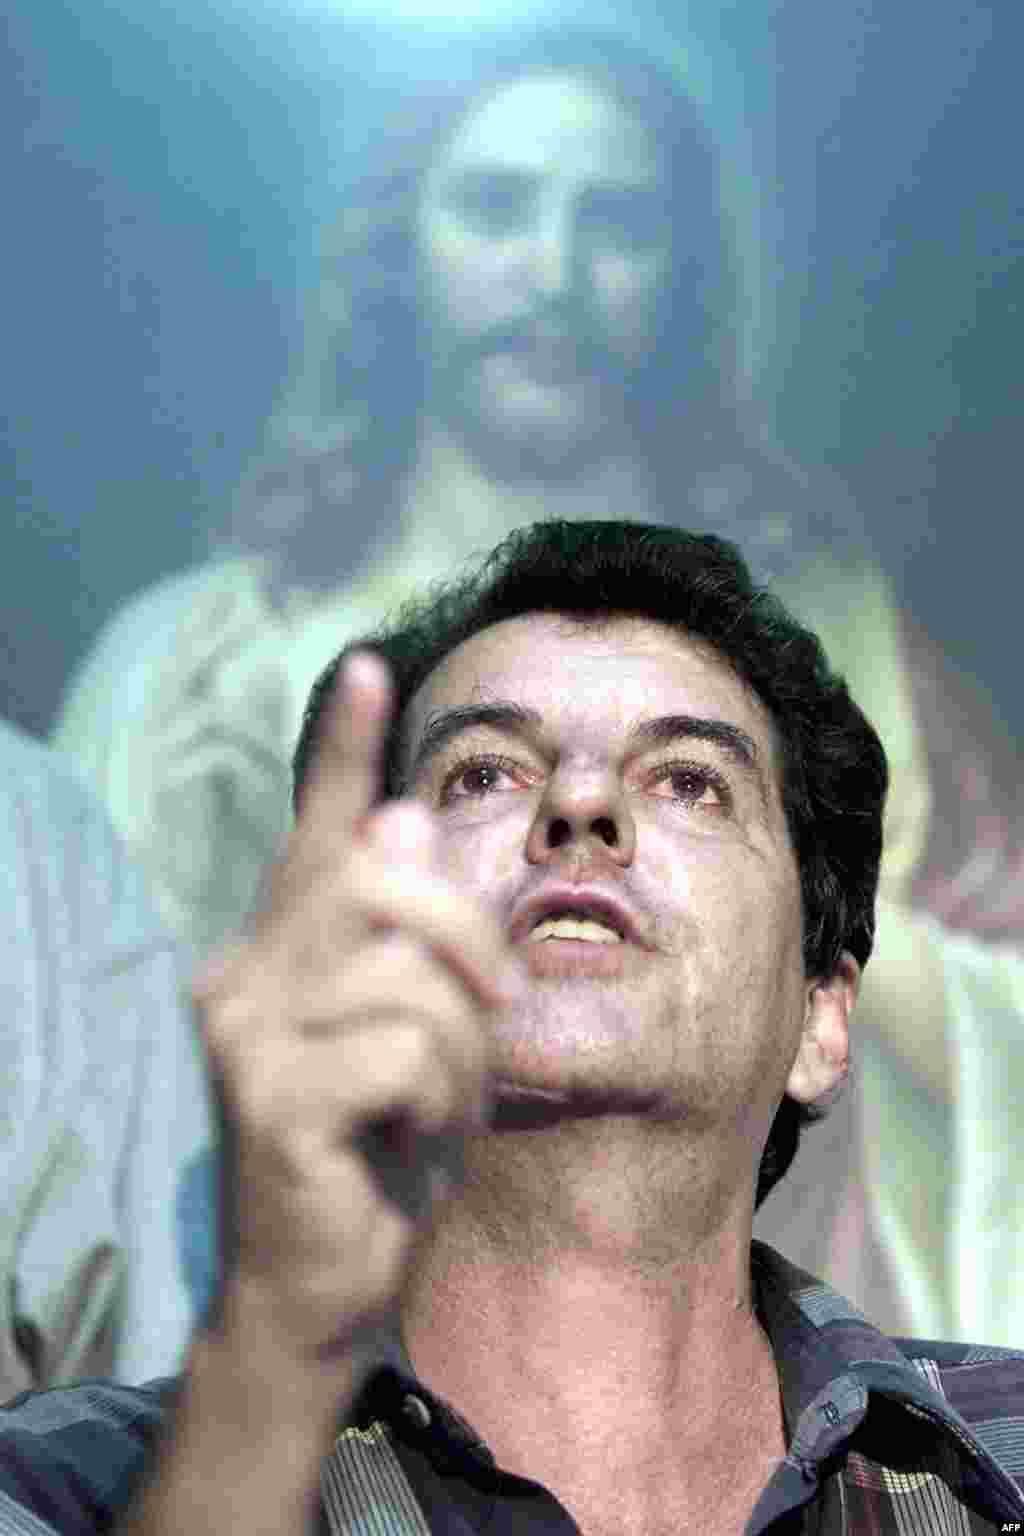 El disidente cubano Oswaldo Payá, fotografiado el 14 de mayo de 2002, en La Habana.